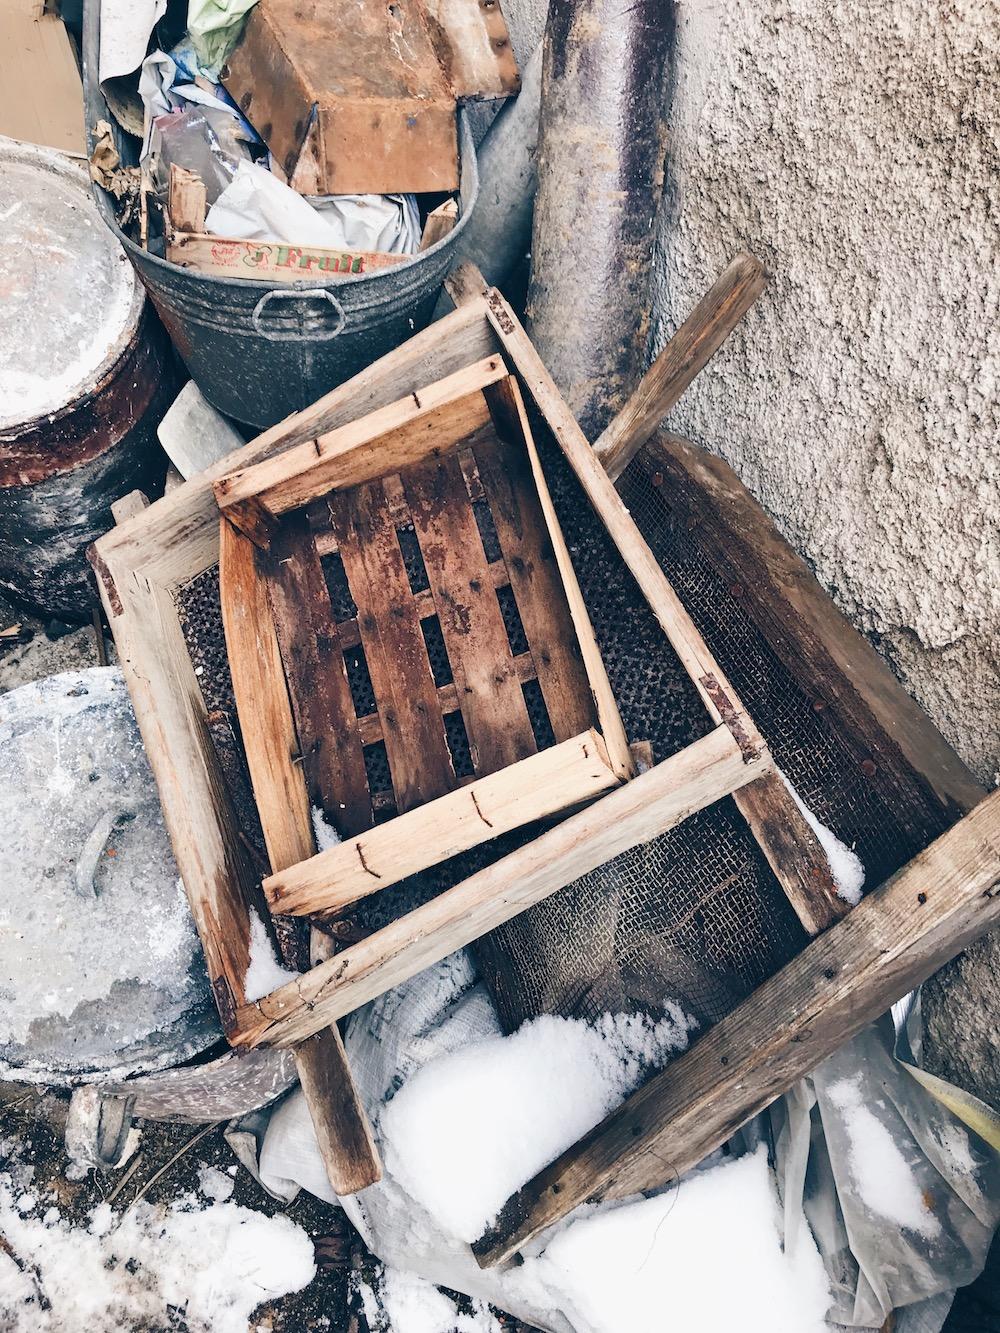 banánové řezy Třebíč rekonstrukce stavební nepořádek